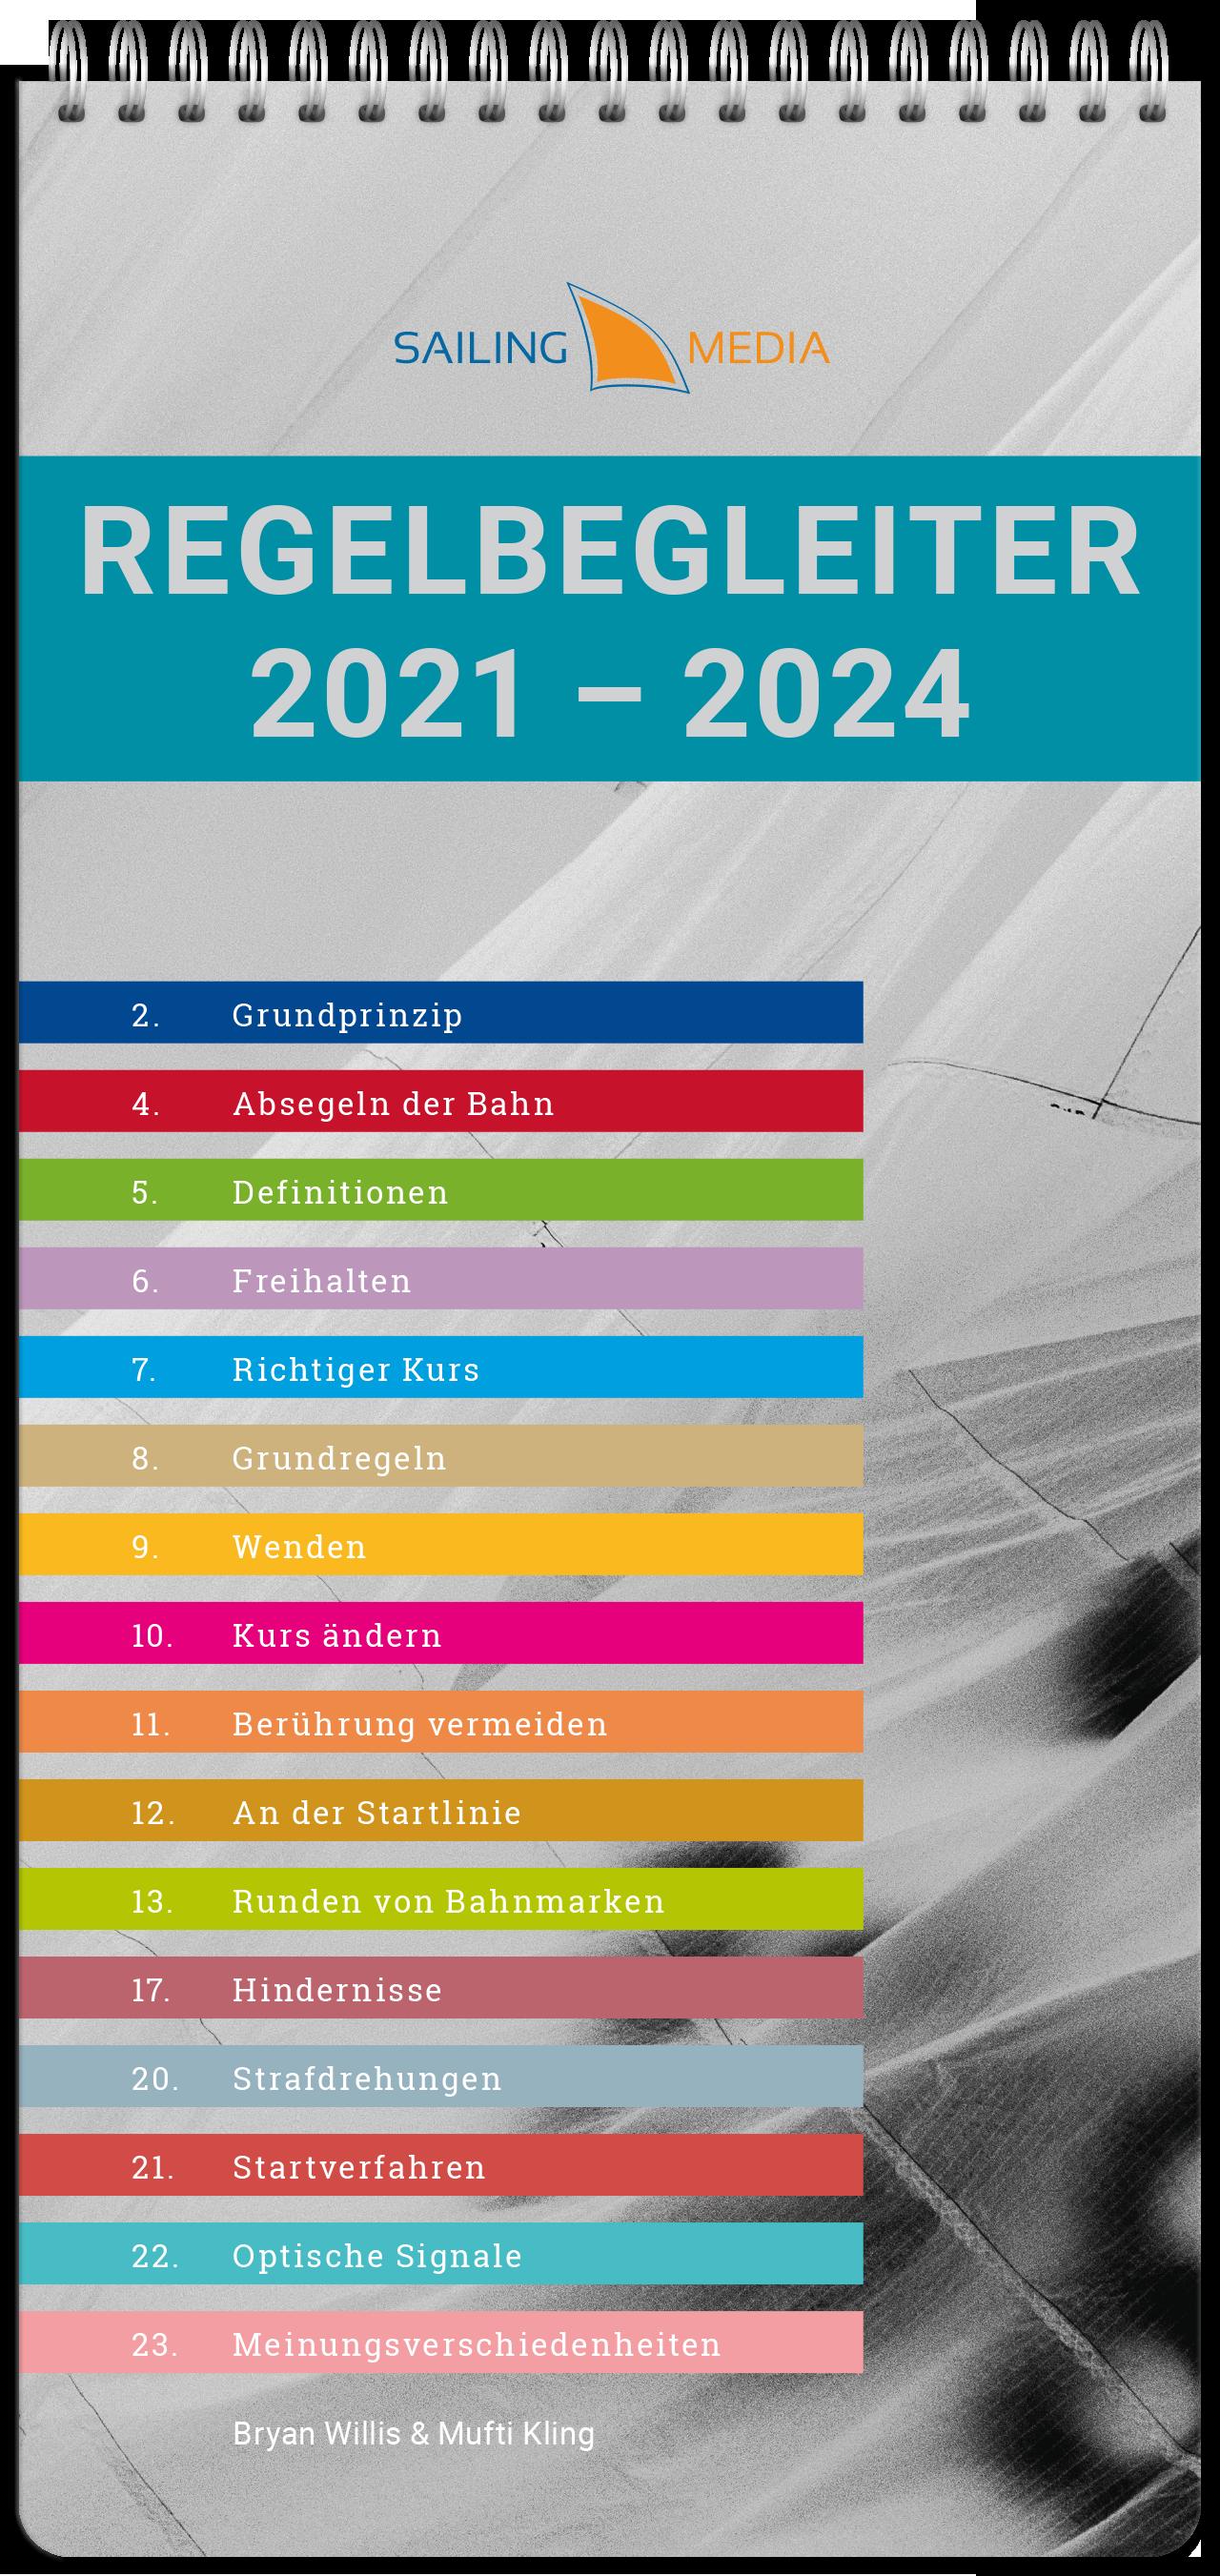 Der Regelbegleiter 2021 - 2024